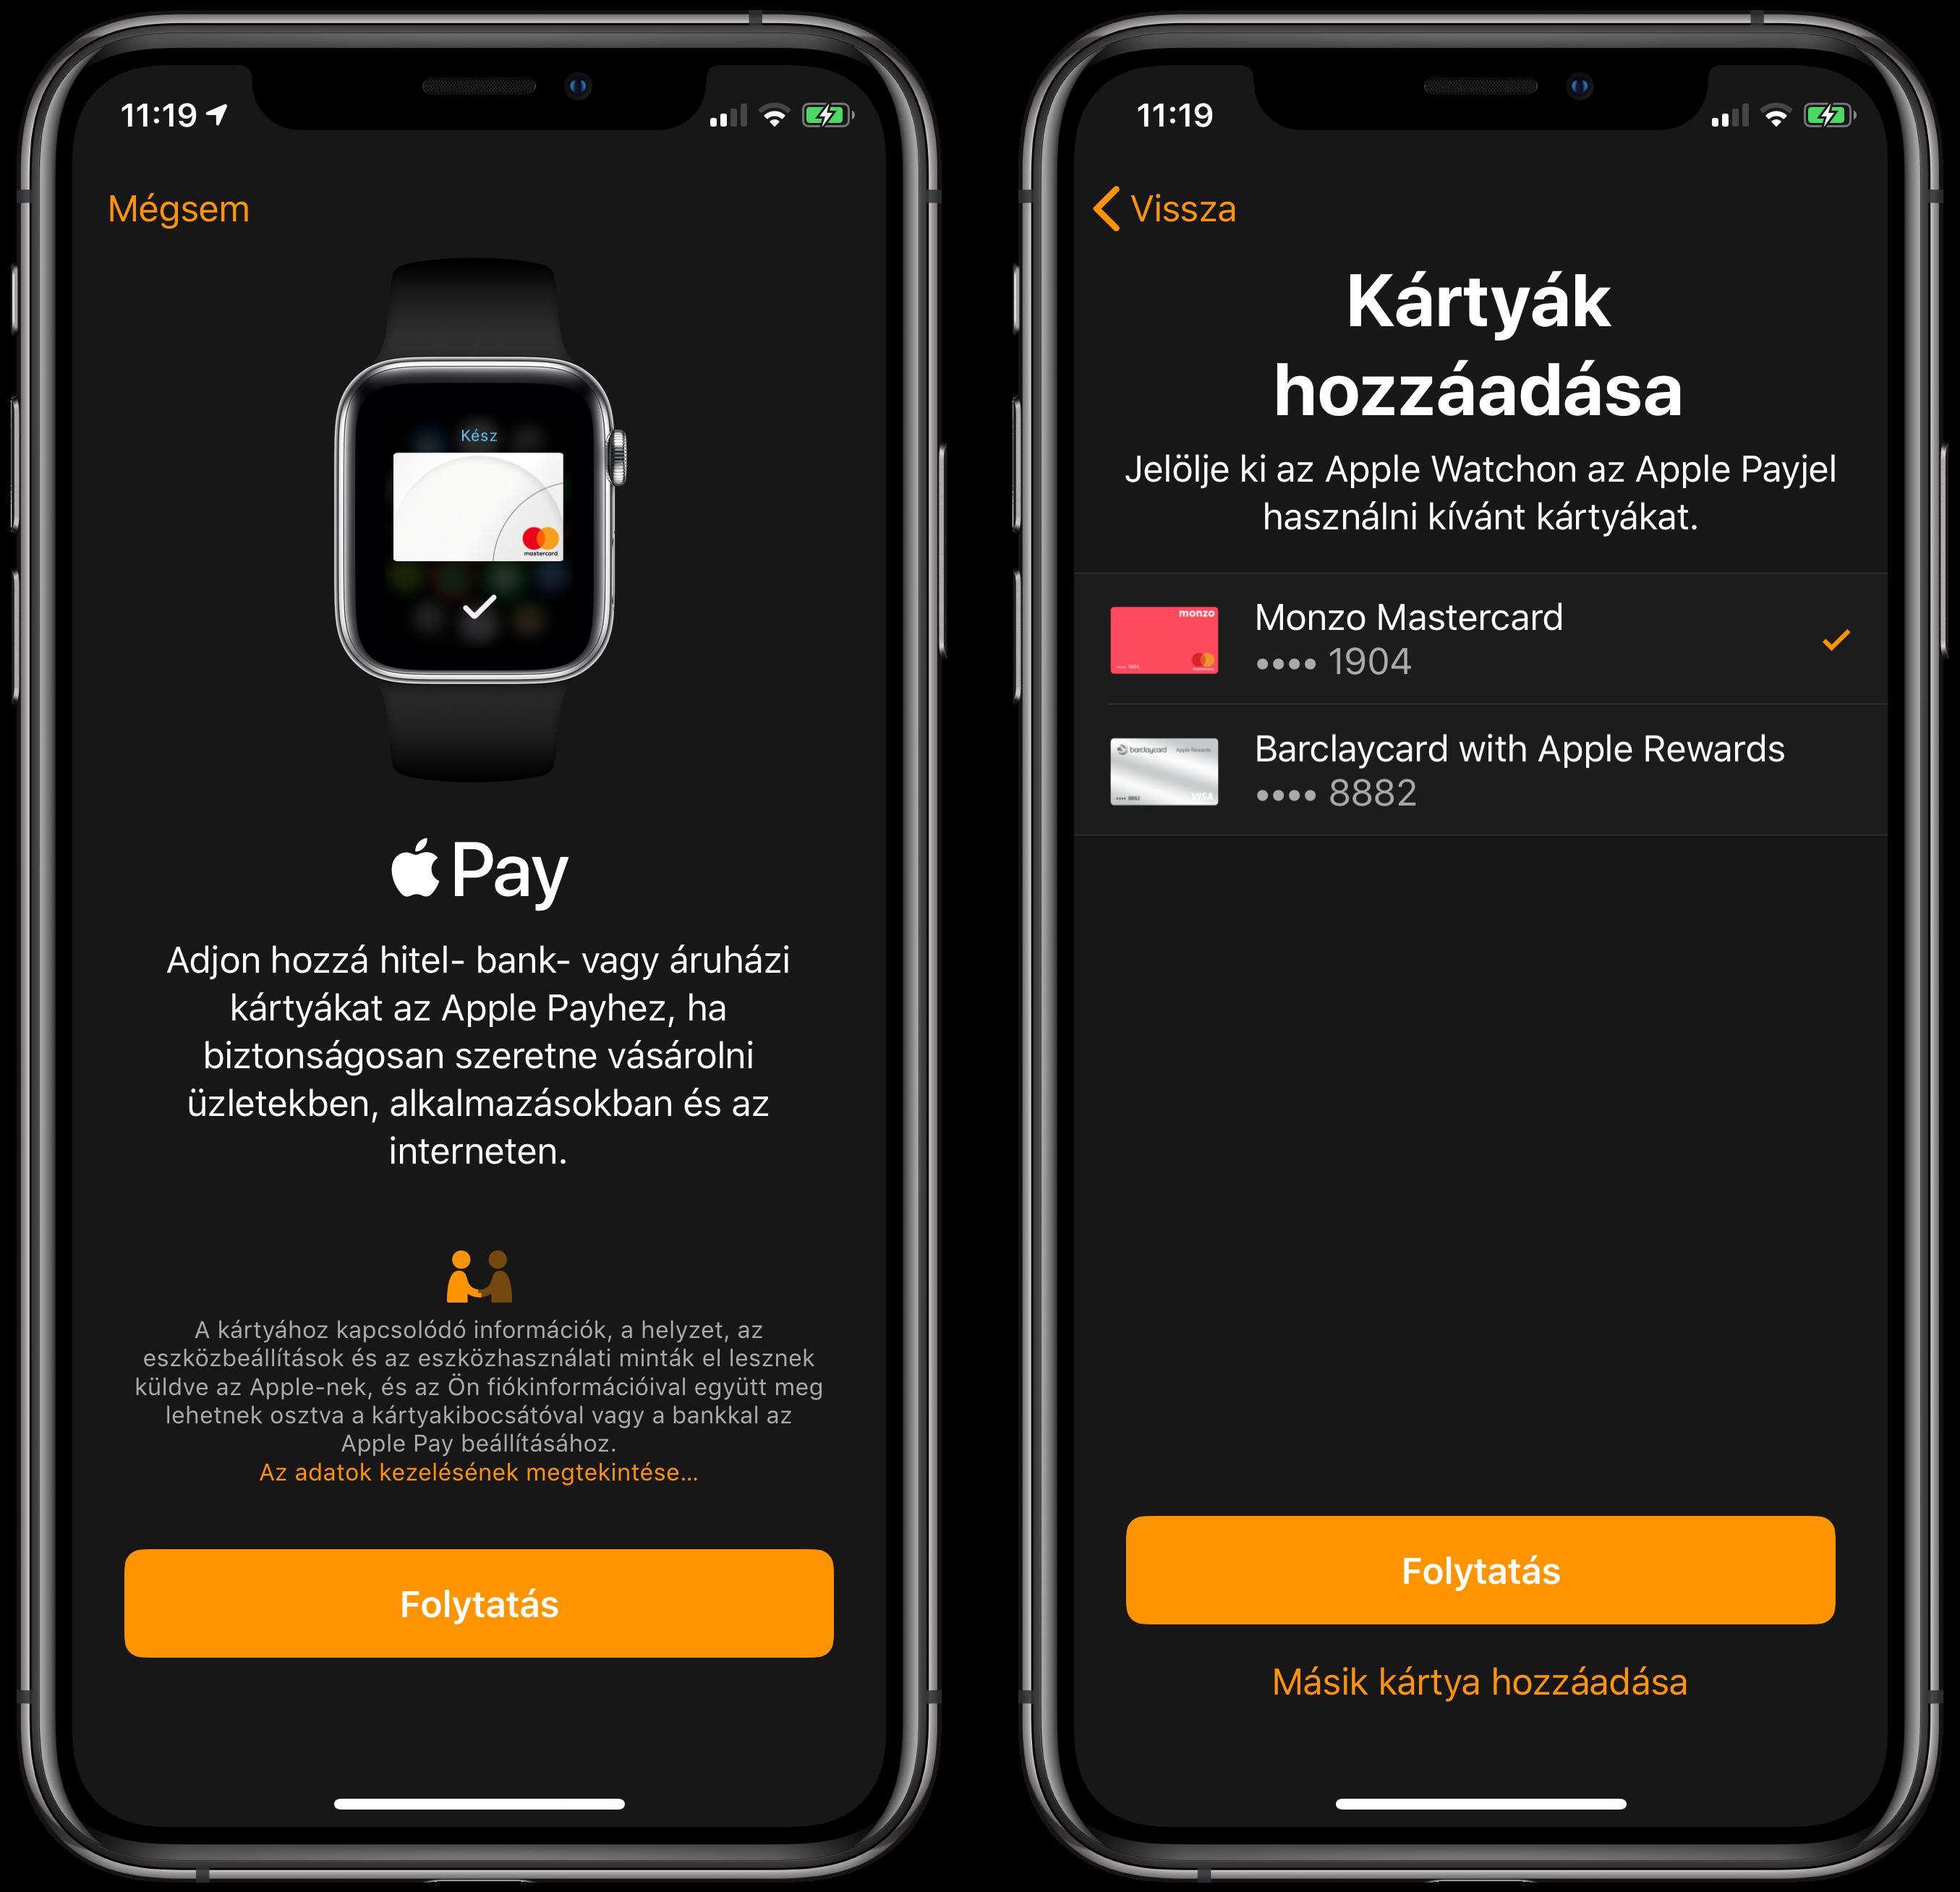 9ca55e611bc1 Apple Pay tippek: Hogyan regisztráld a Magyar bánkártyádat - Tippek ...